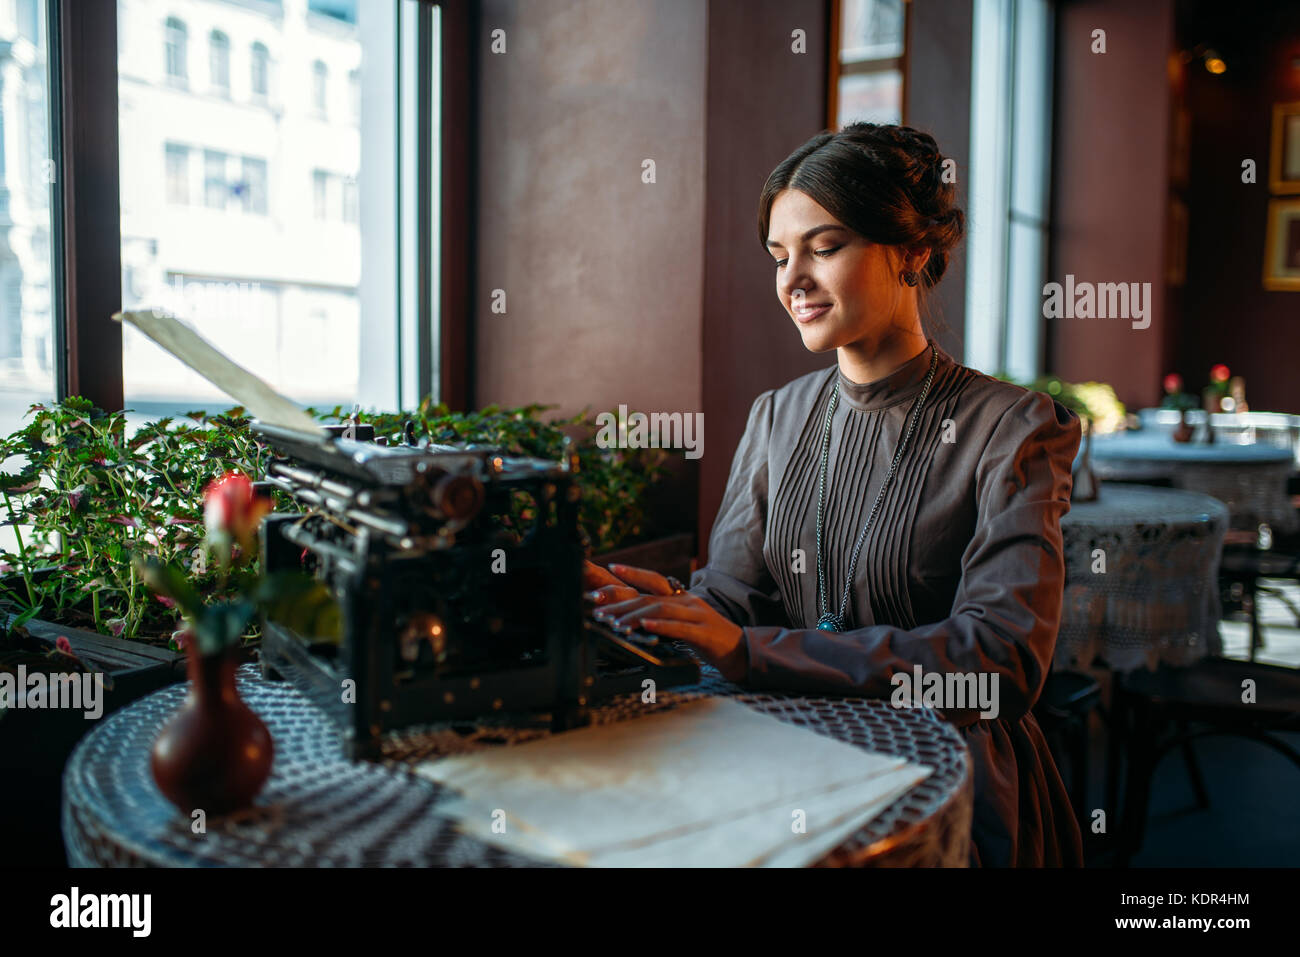 6df40fd0a ... el perfil de la bella joven en el café con la antigua máquina de  escribir. mujer sonriente e imprime algo en vintage cafe. cabello oscuro niña  sentada